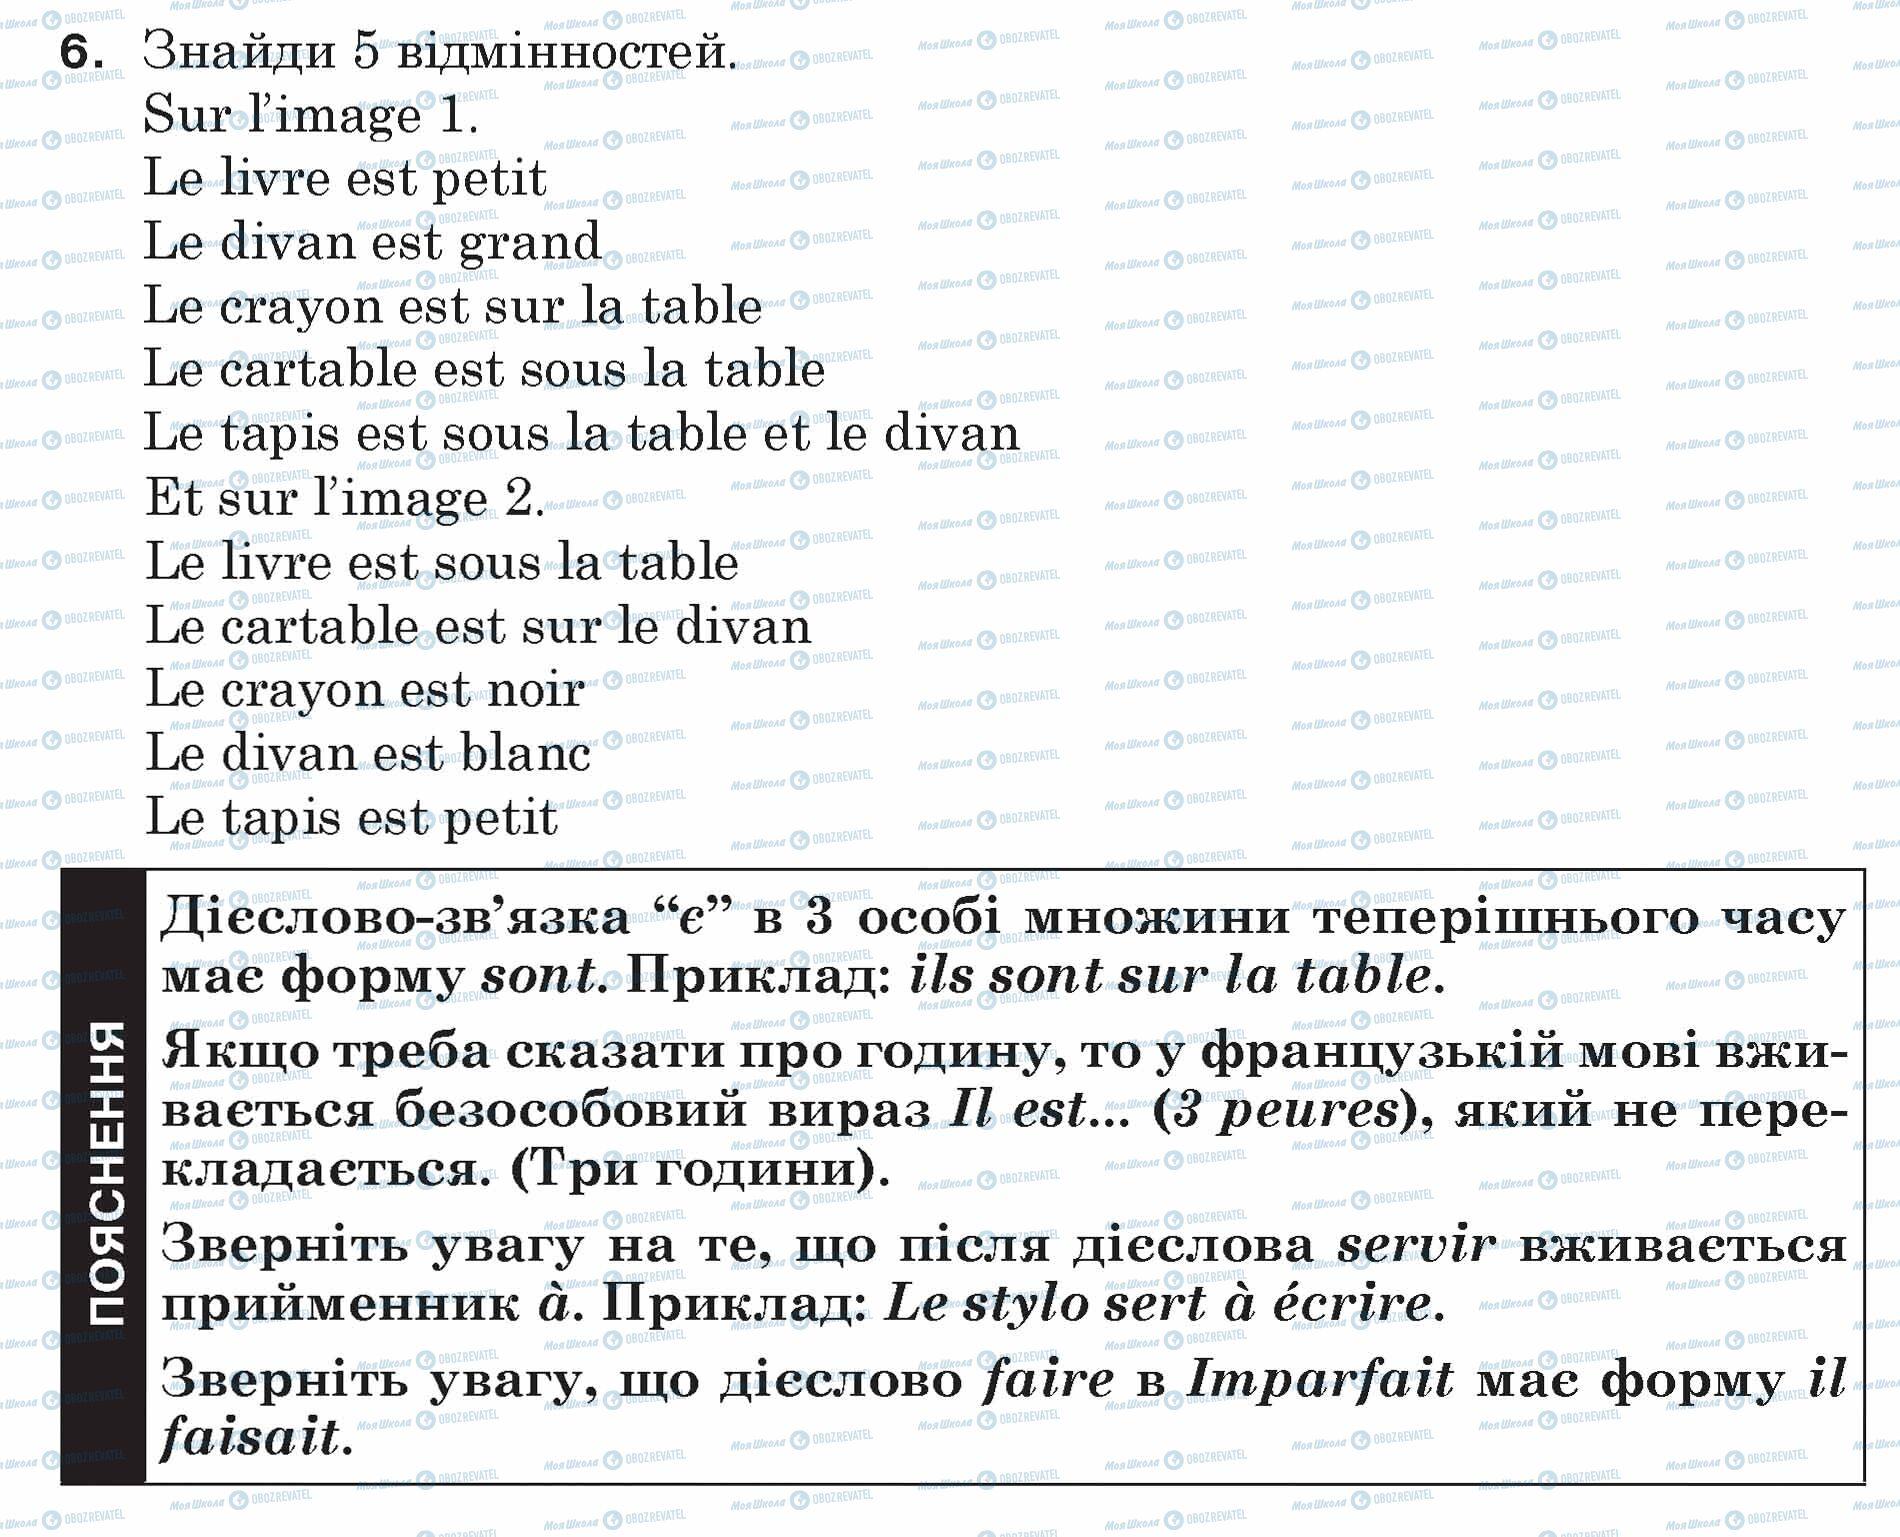 ГДЗ Французский язык 5 класс страница 6